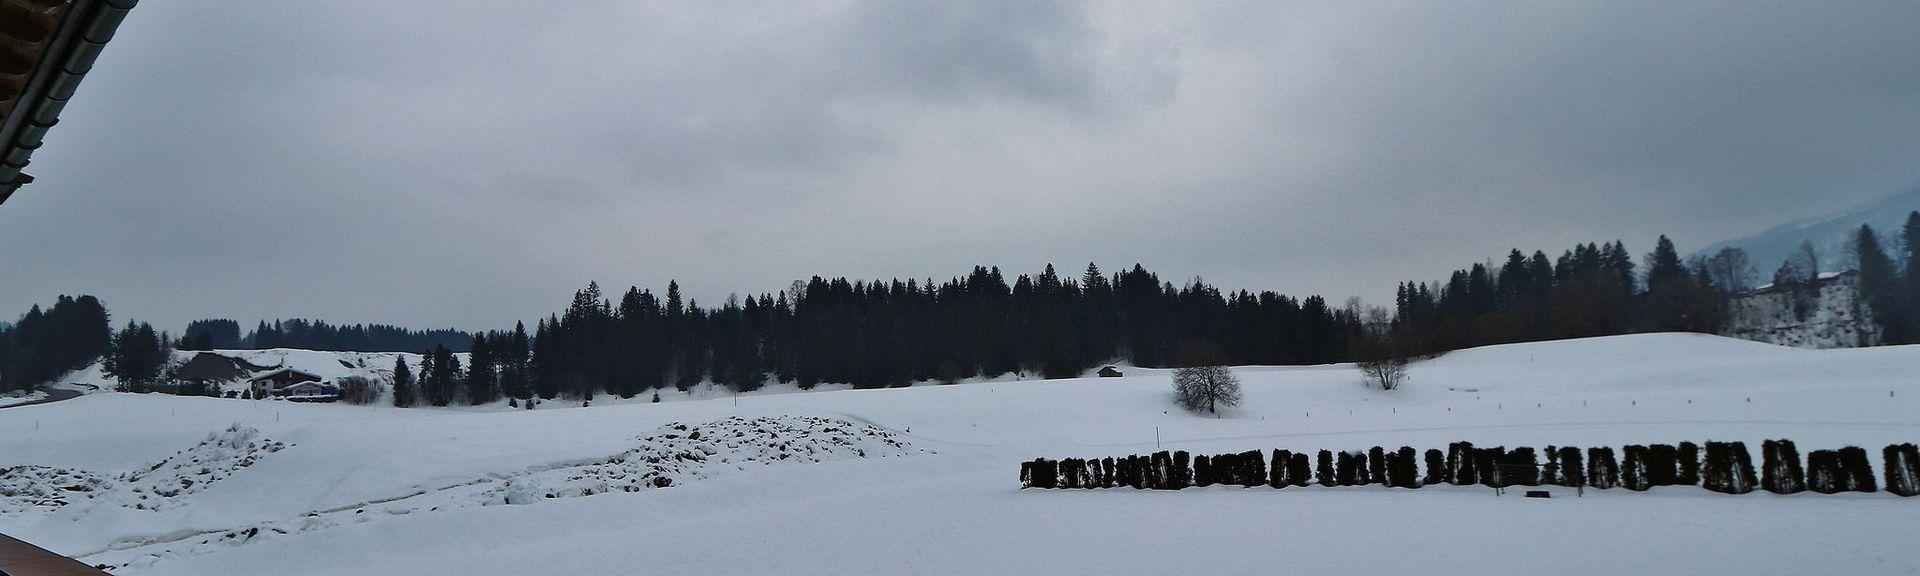 Kirchdorf in Tirol, Tiroli, Itävalta